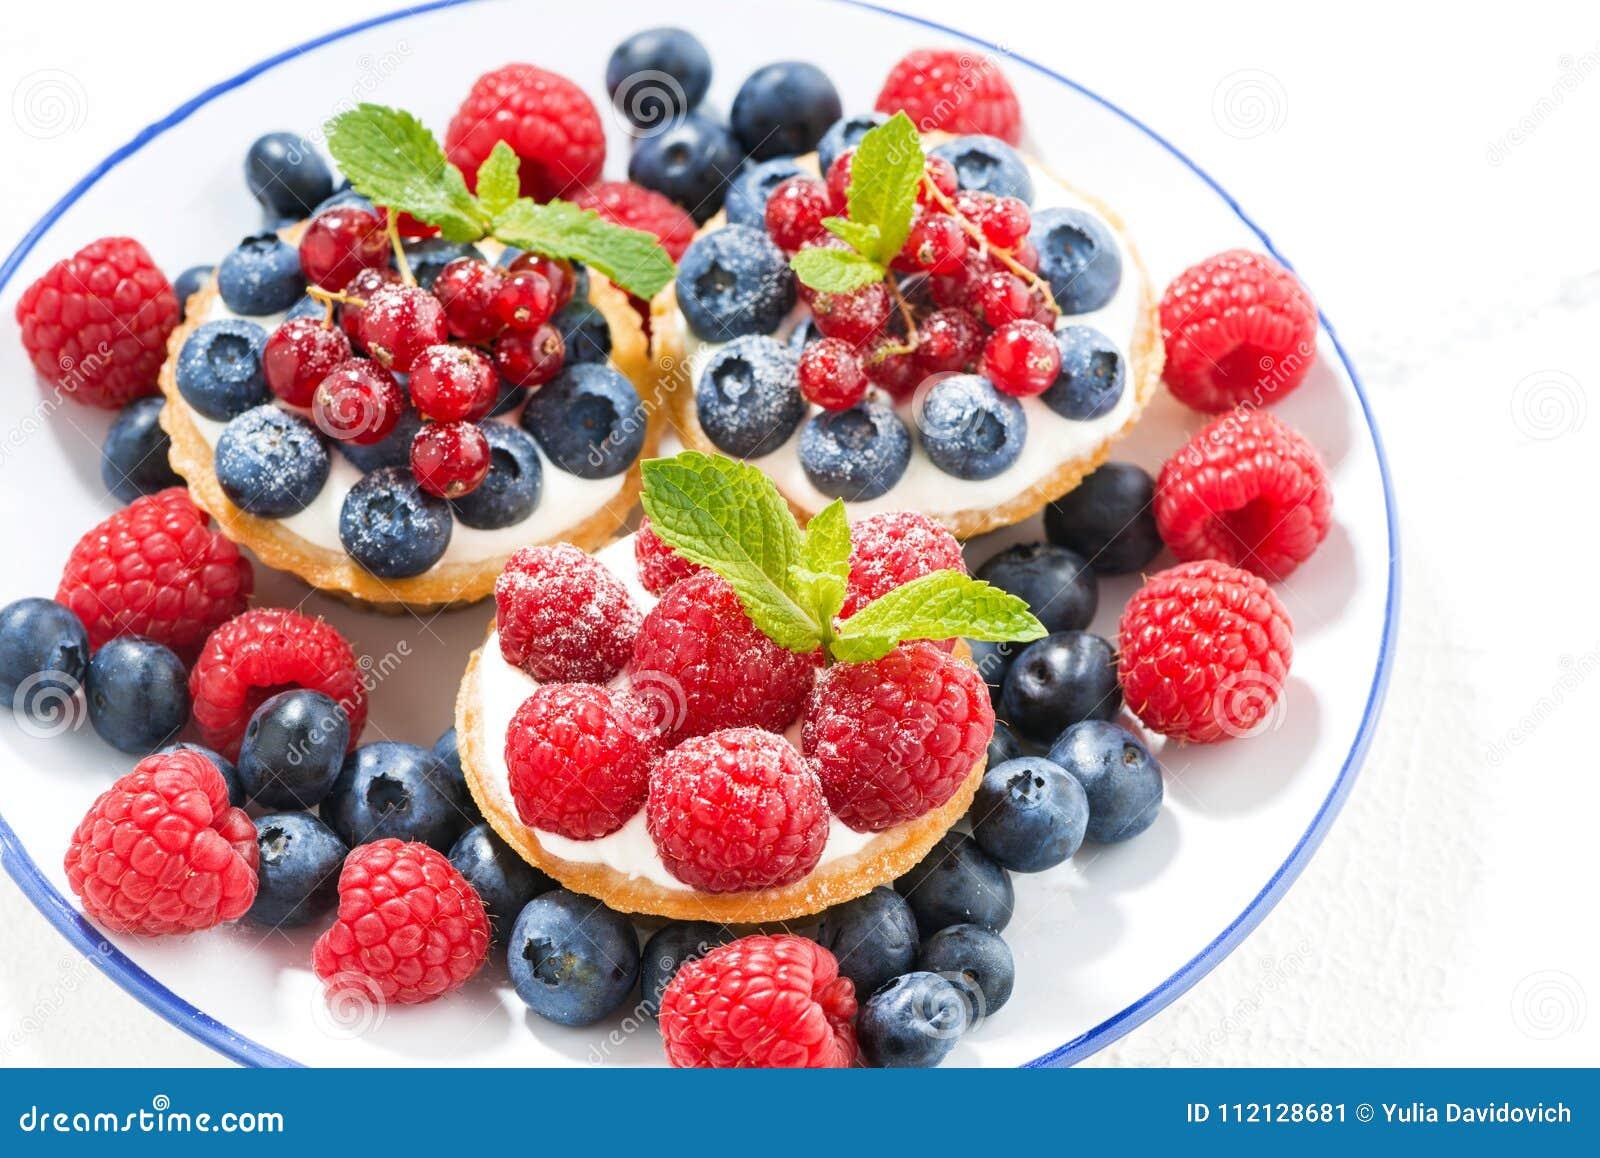 Minikuchen Mit Susser Creme Und Beeren Auf Platte Stockbild Bild